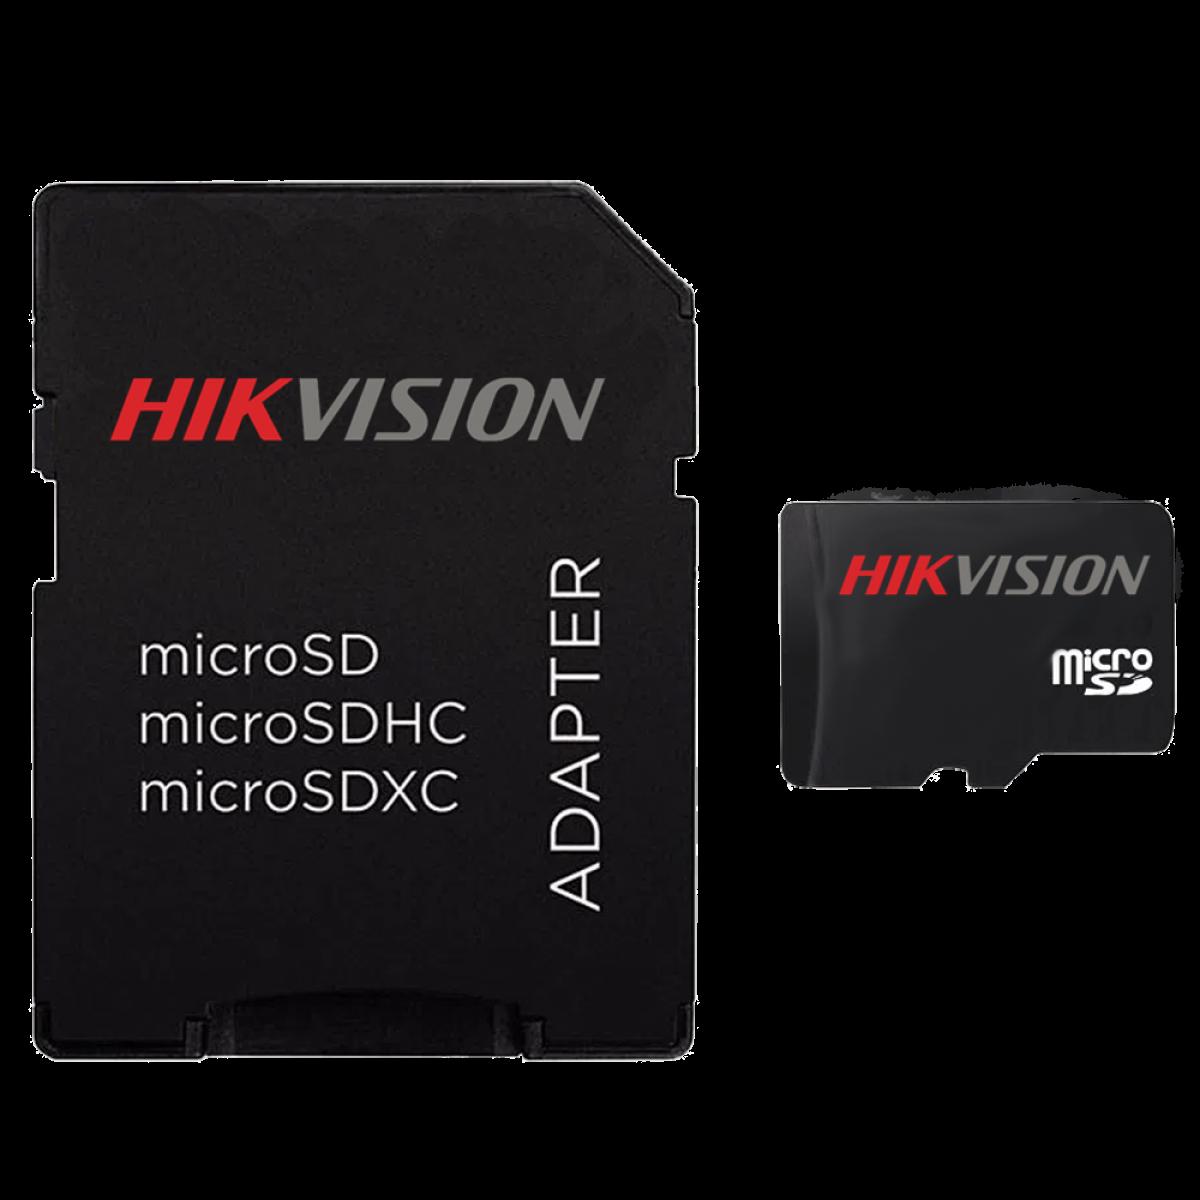 Cartão de Memória Hikvision Micro SDHC I, V10, 32GB, Class 10, HS-TF-C1/32G - COM ADAPTADOR